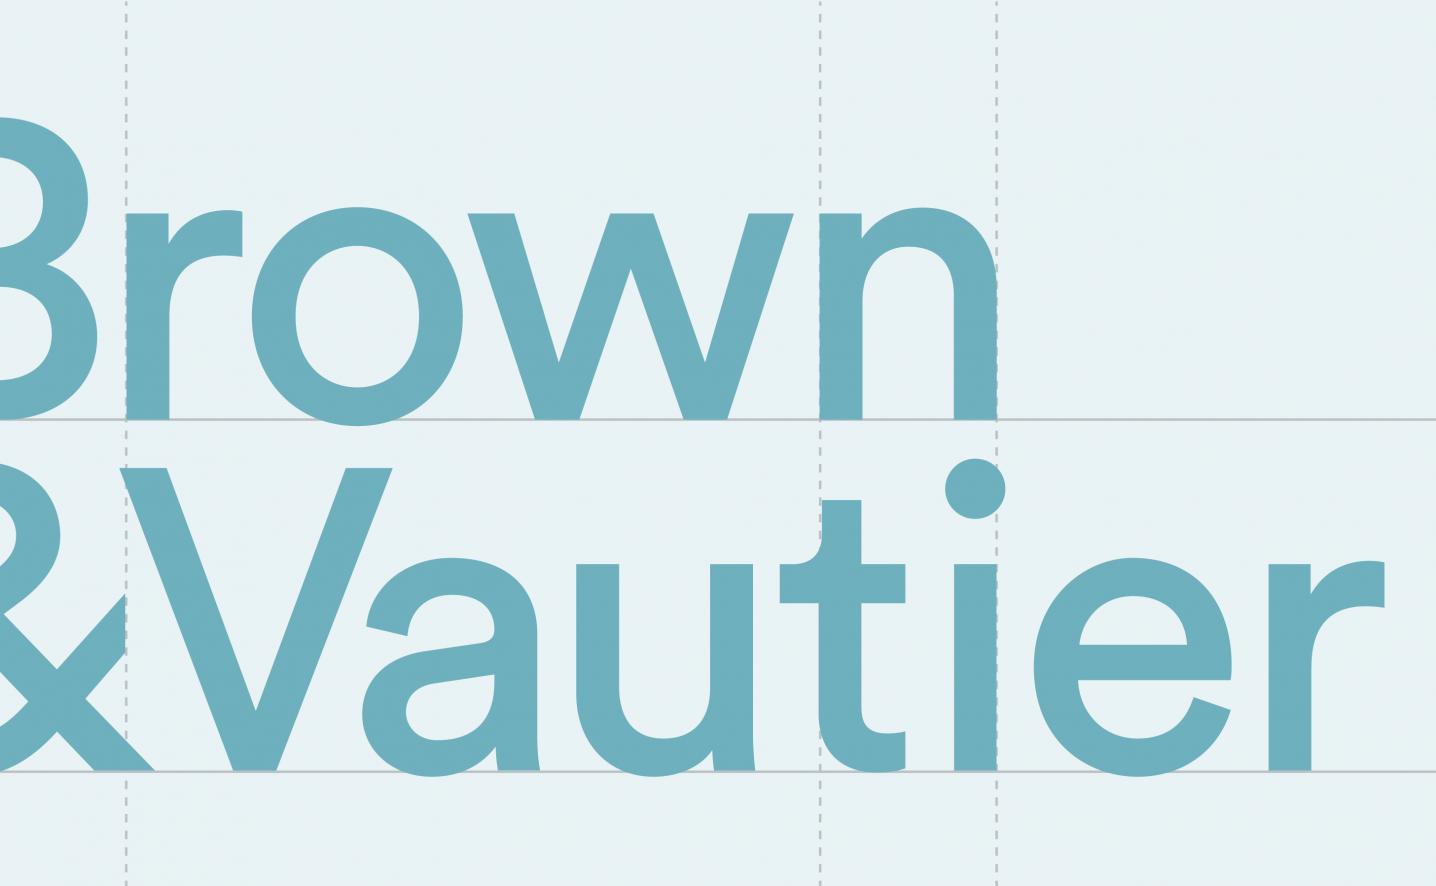 Brown-Vautier-logo-wordmark-design